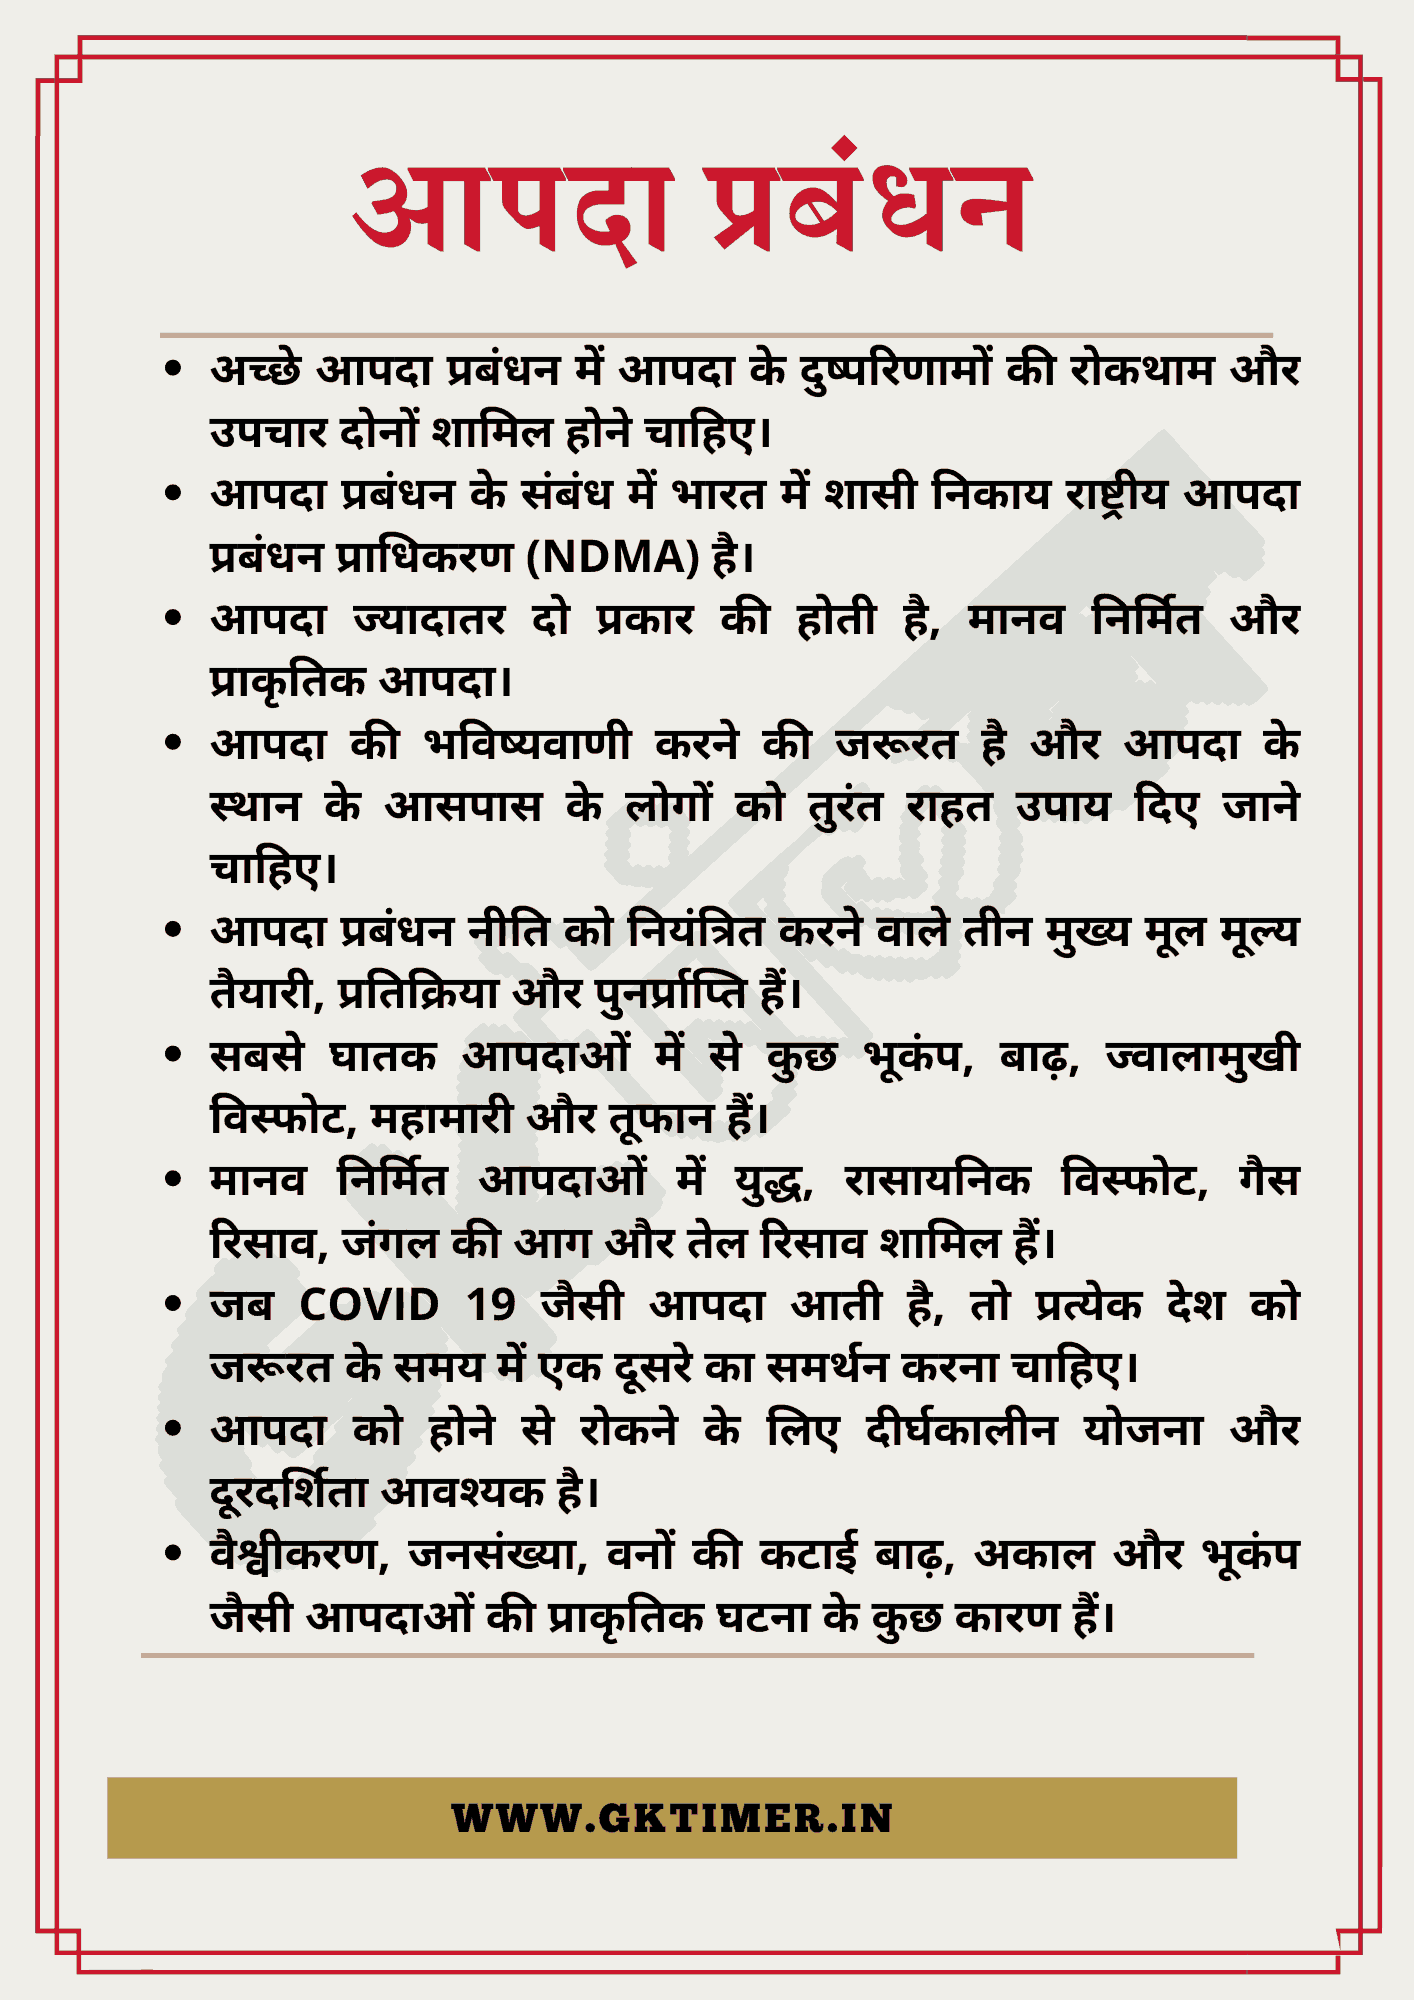 आपदा प्रबंधन पर  निबंध | Essay on Disaster Management in Hindi | 10 Lines on Disaster Management in Hindi